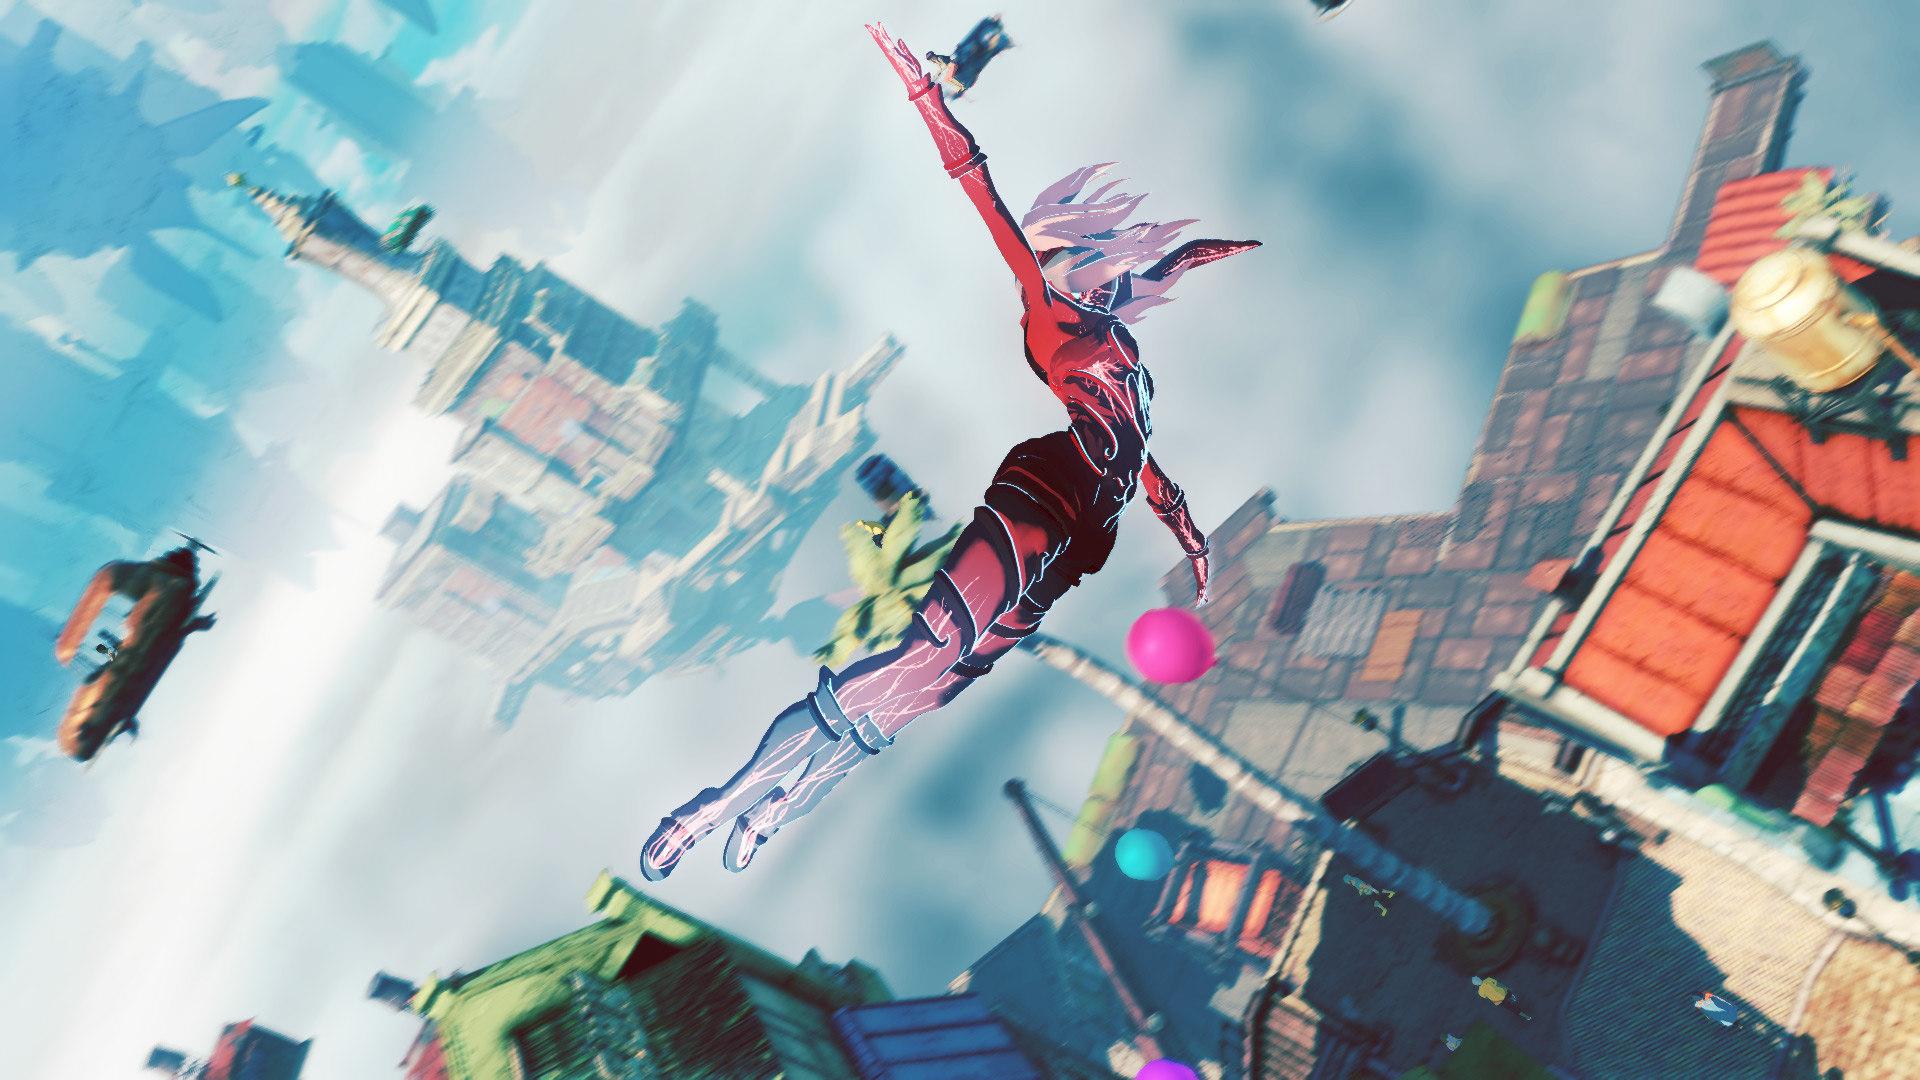 gravity-rush-2-screenshot-02